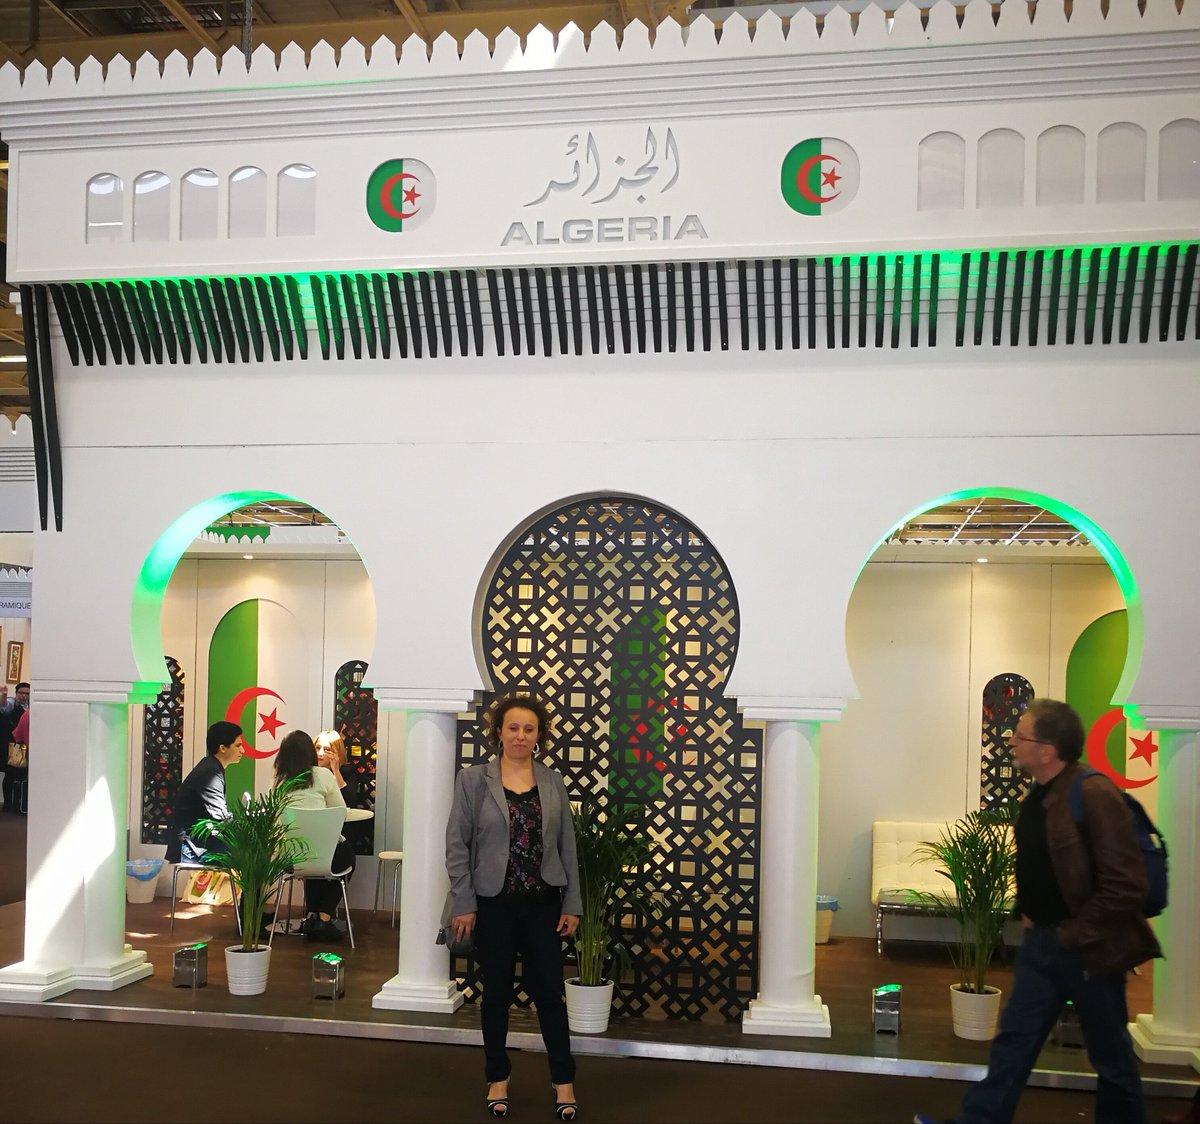 artisanat algerien france